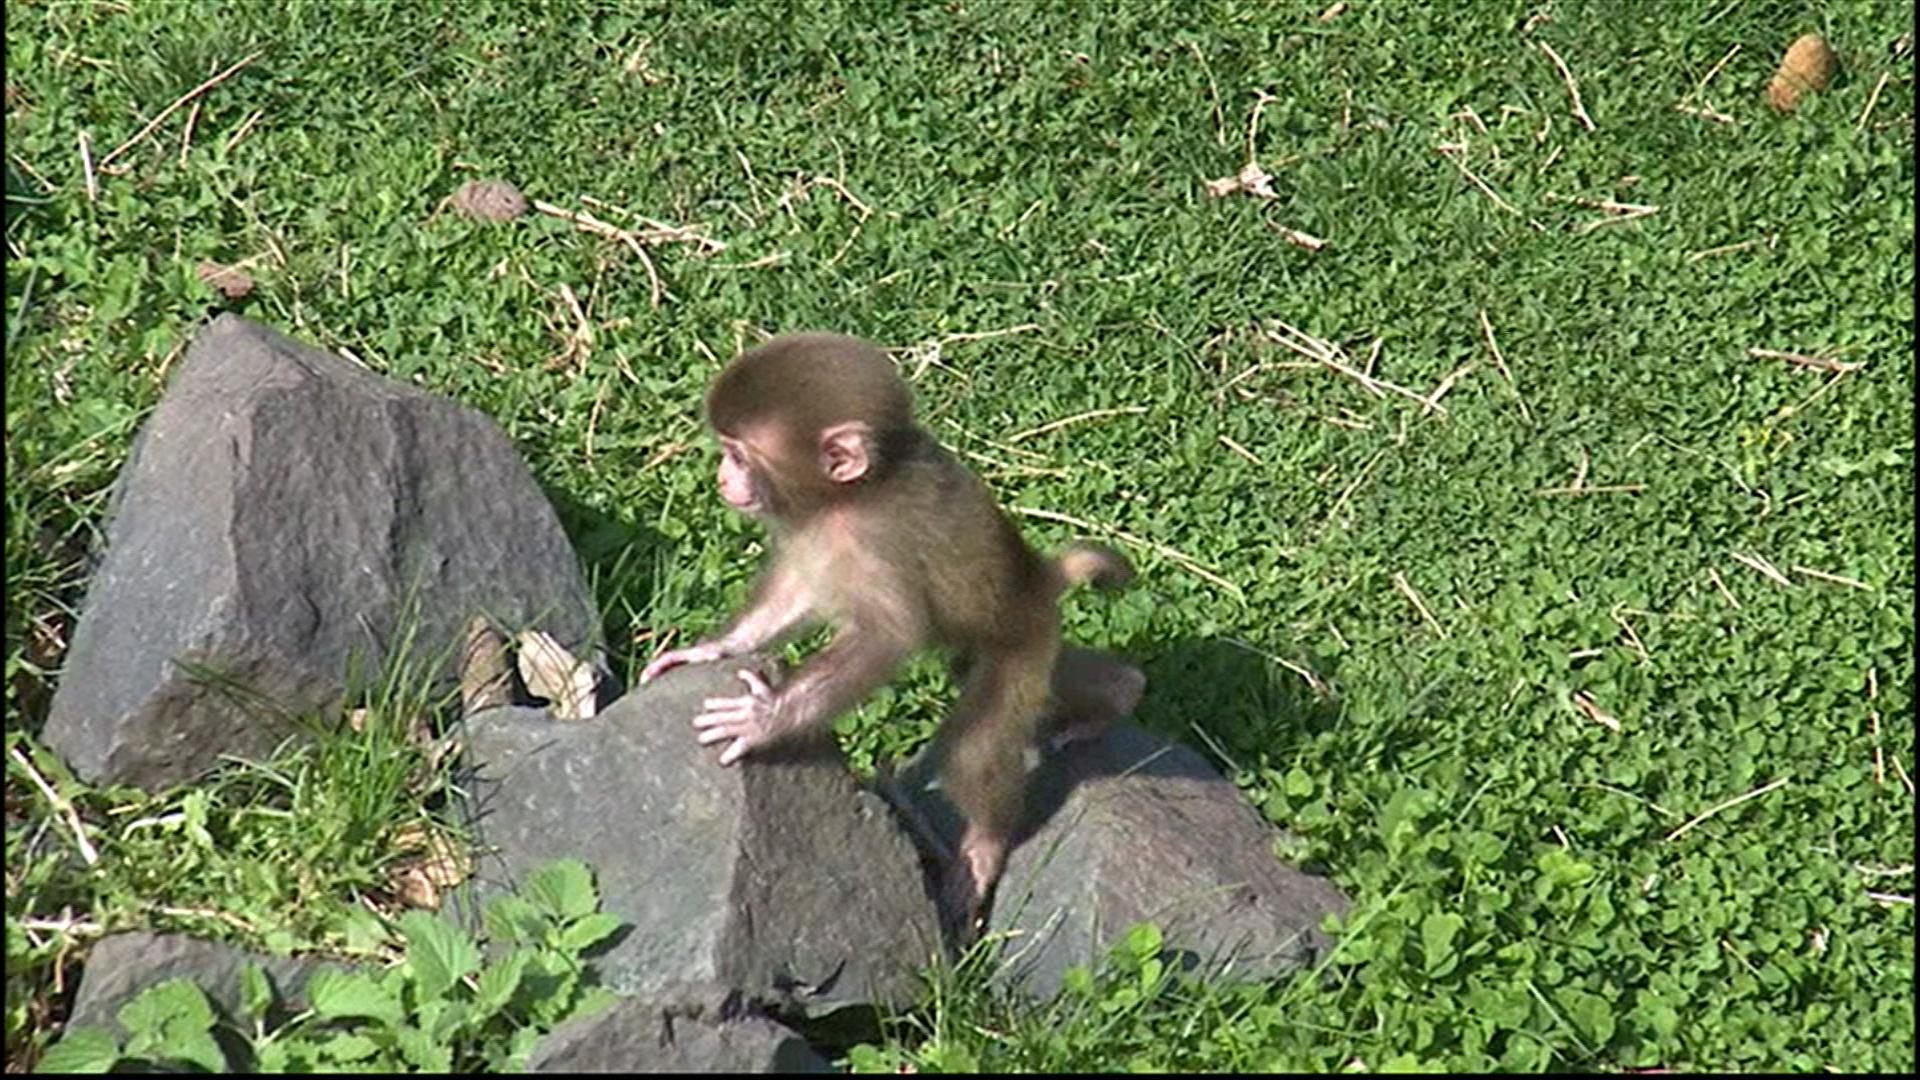 Minnesota zoo welcomes 3 baby snow monkeys